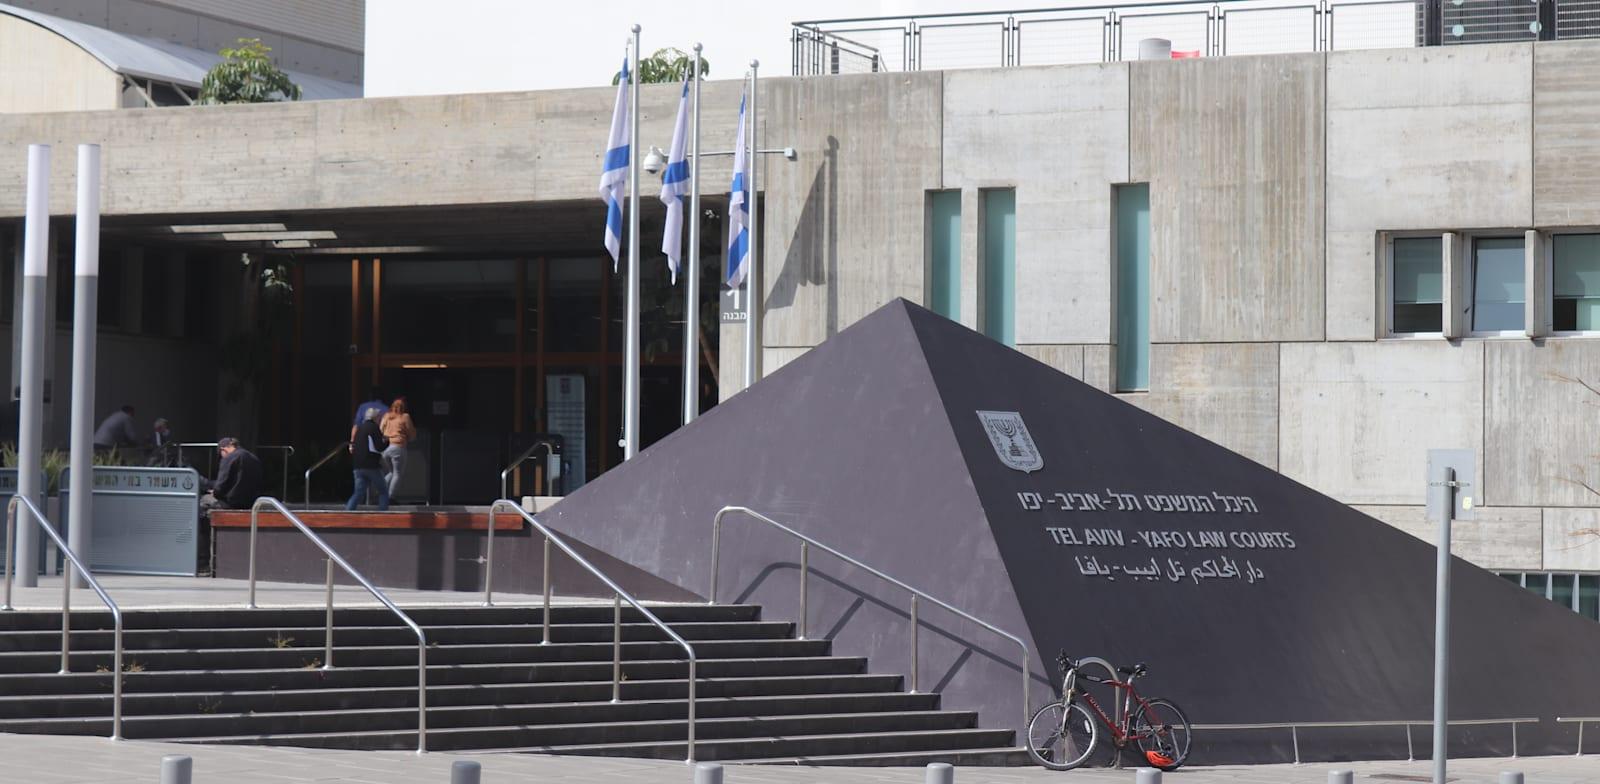 בית המשפט המחוזי בתל אביב / צילום: Shutterstock, Vered Barequet